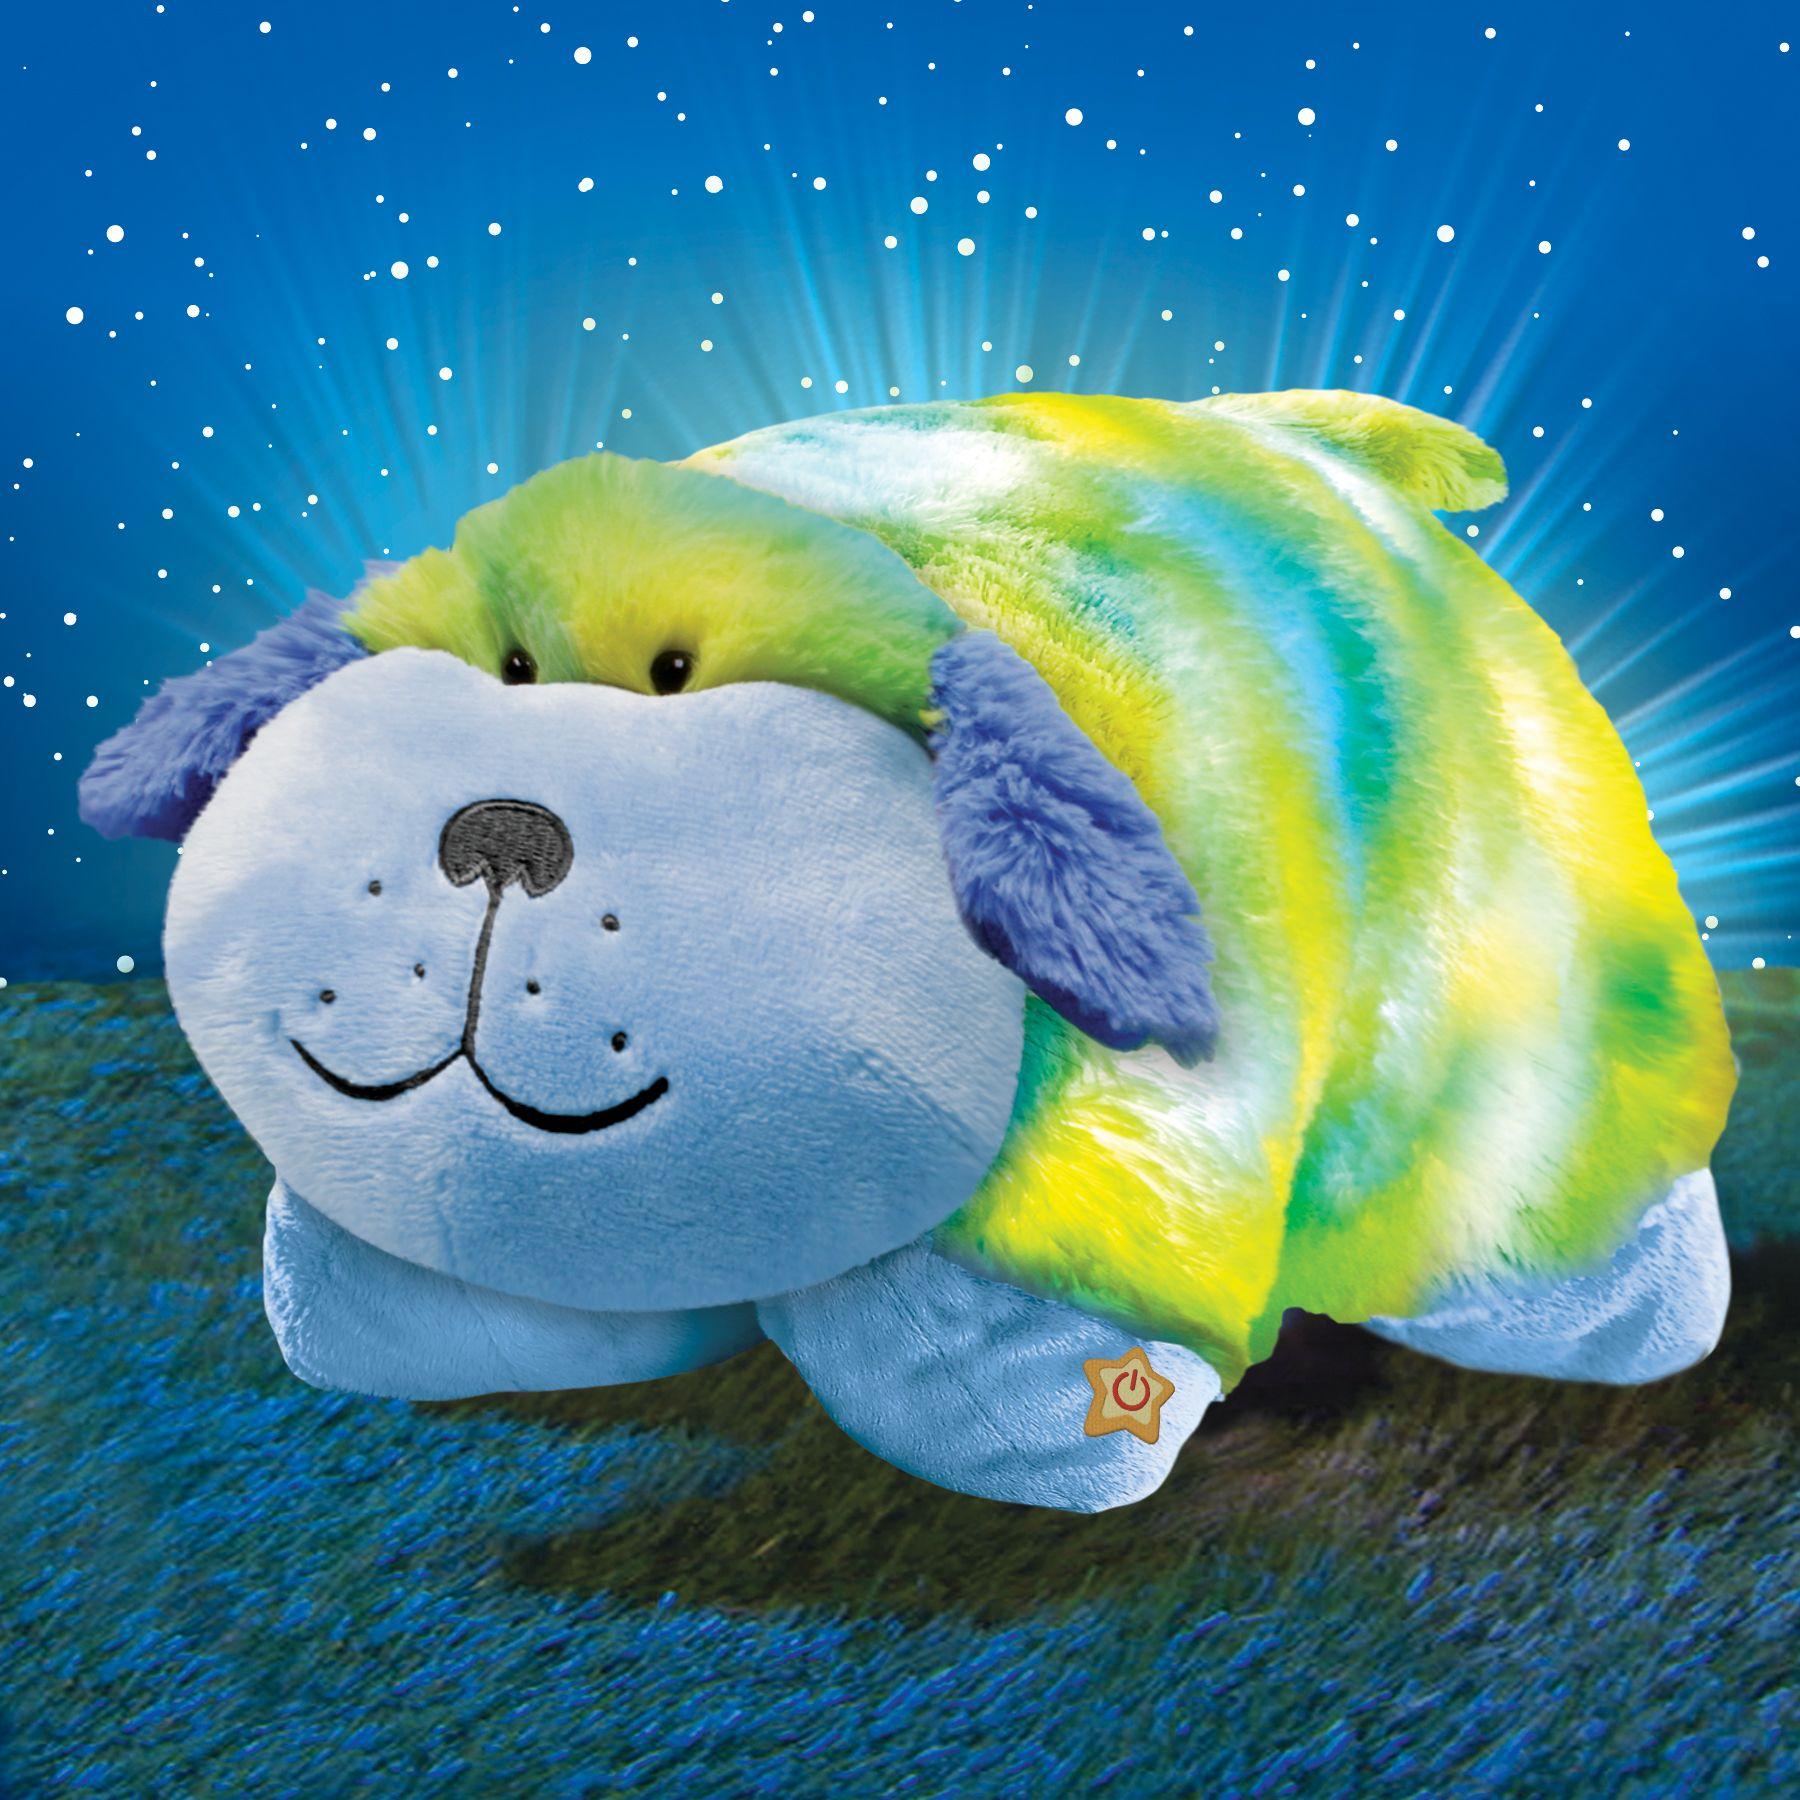 tie dye glow pets dog animal pillows